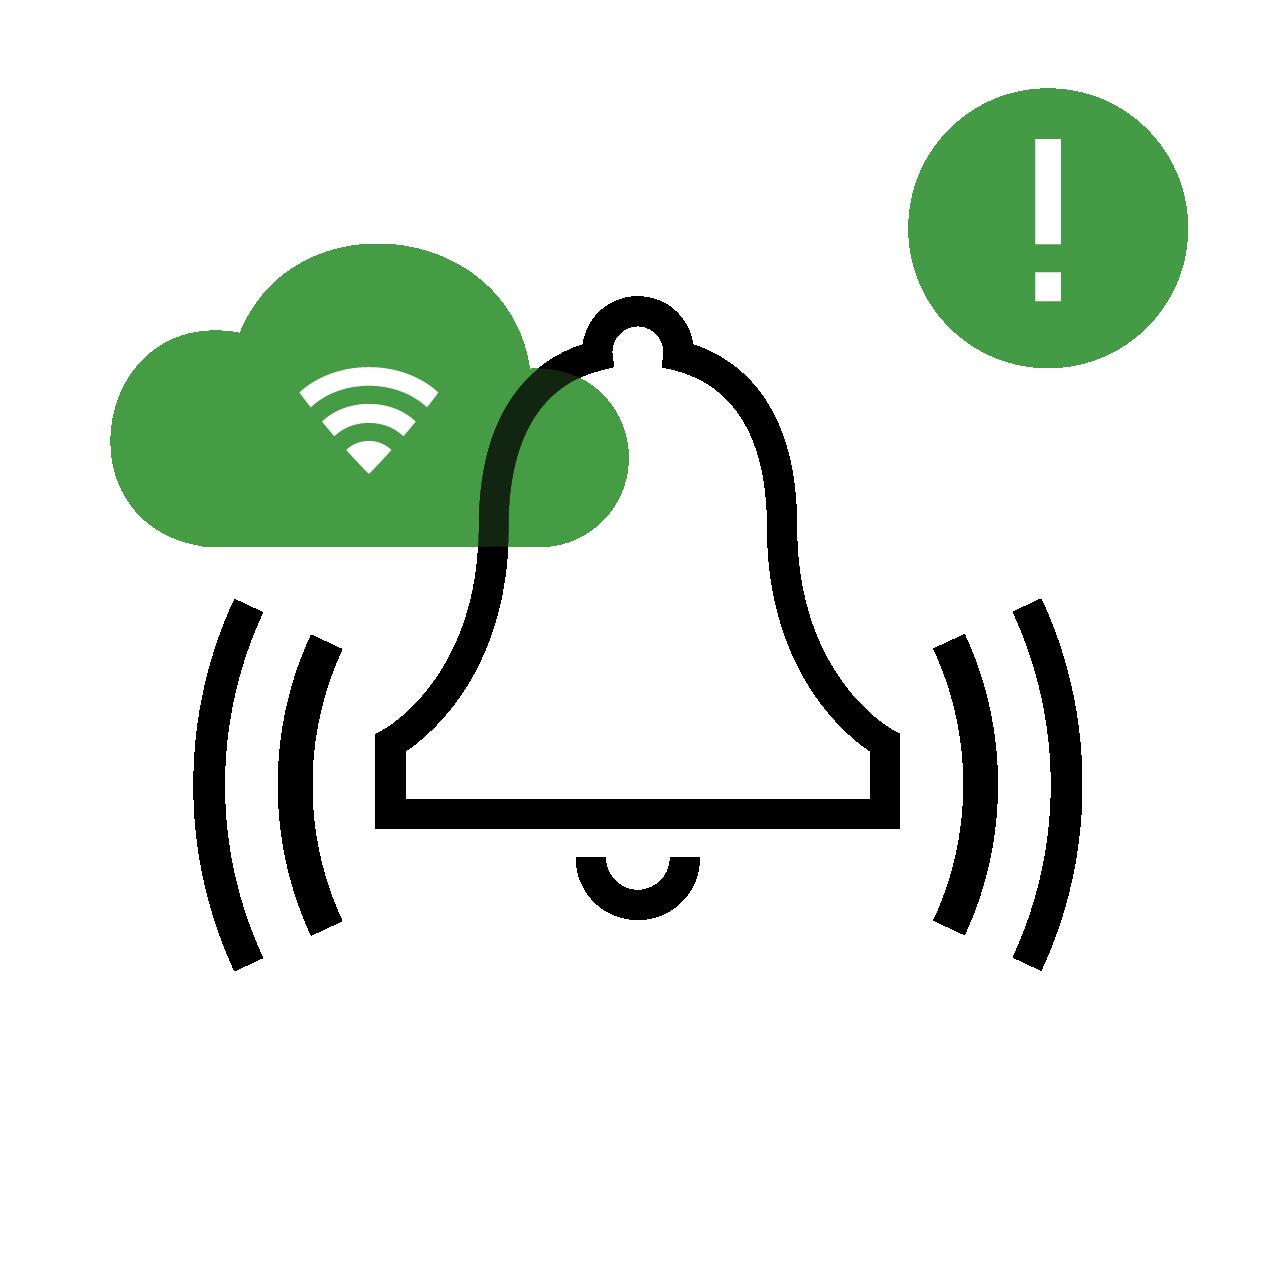 Burglary alarm icon, security panel